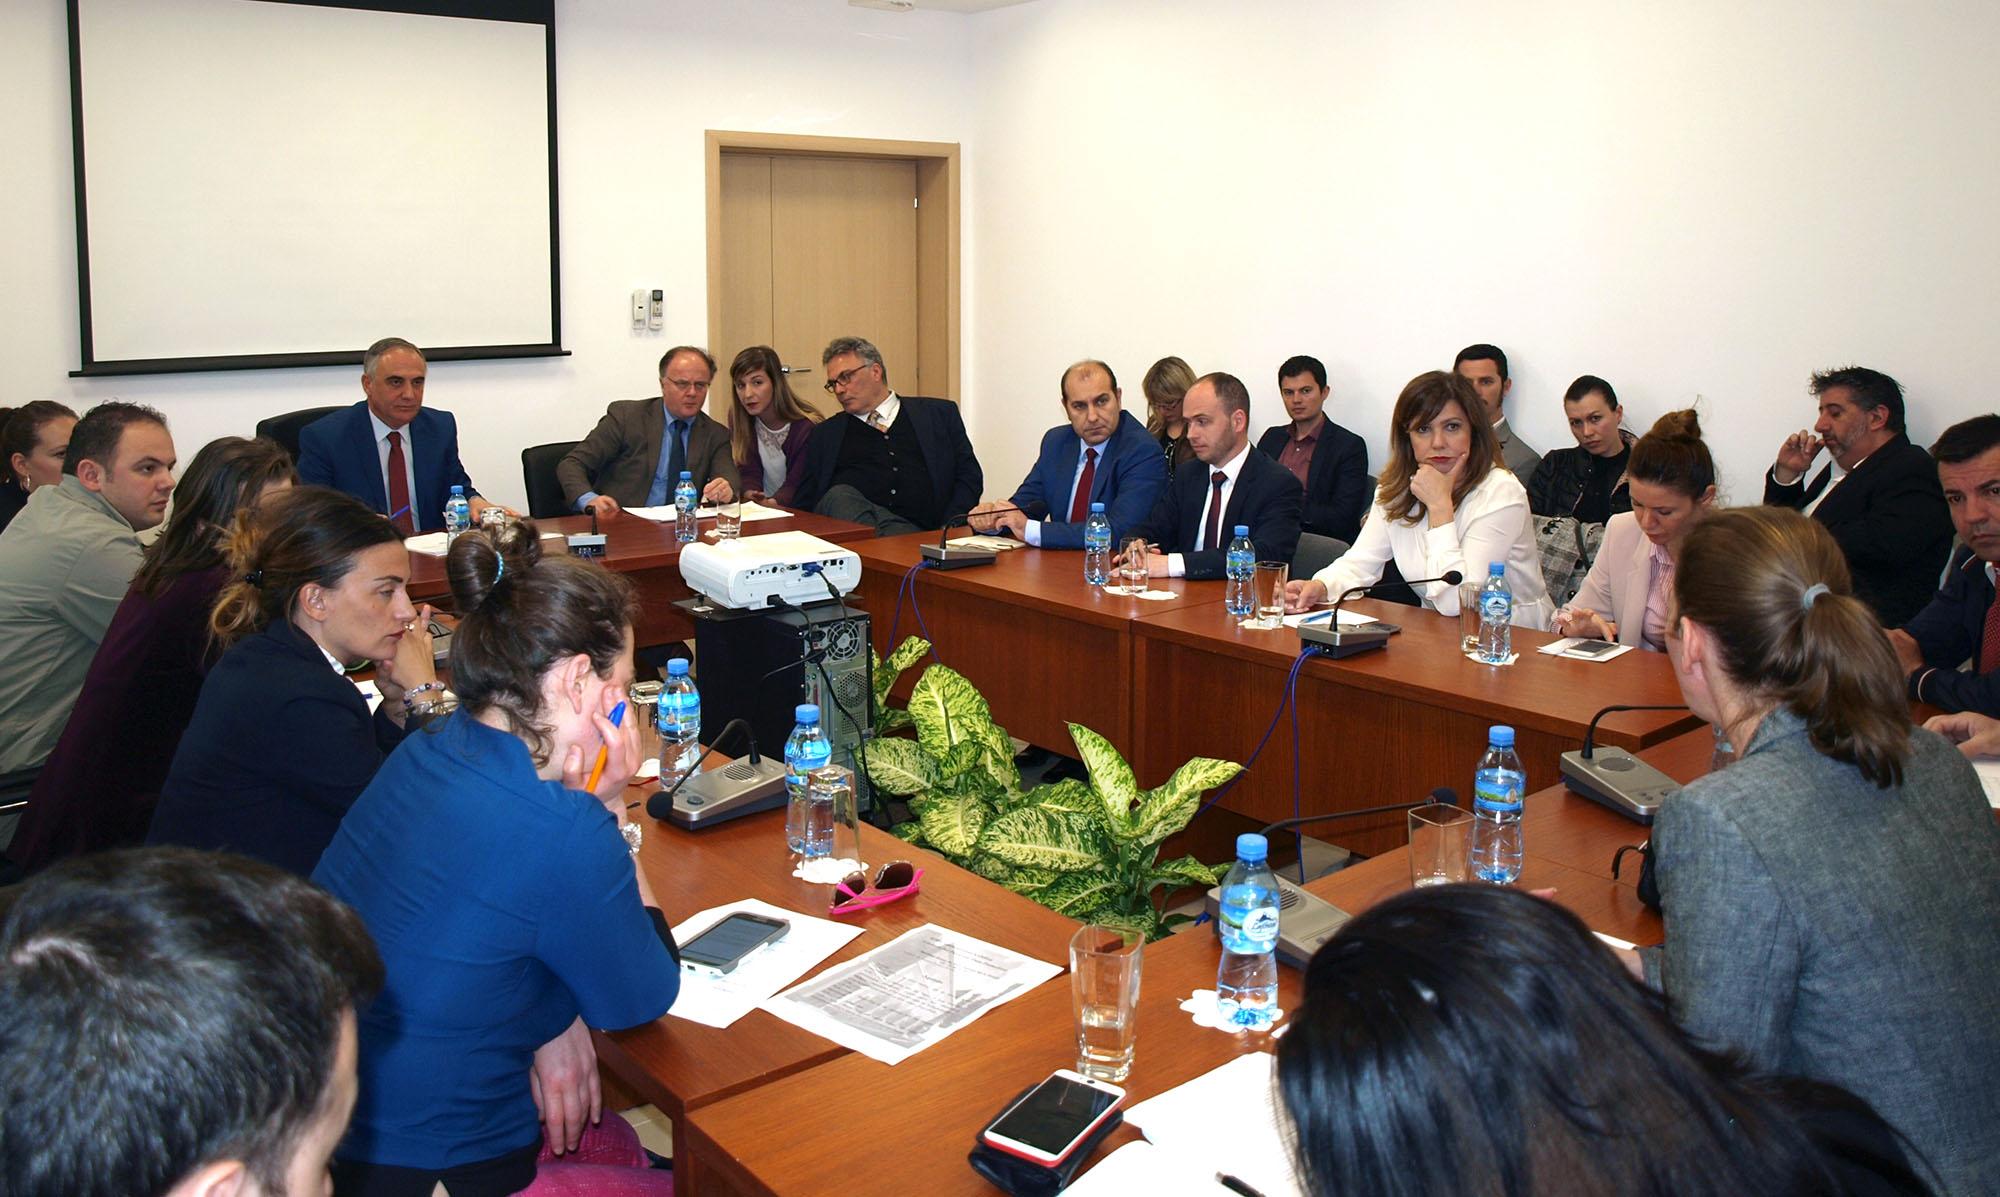 Rritje e bashkëpunimit mes Zyrës së Komisionerit dhe Autoritetit homolog Italian